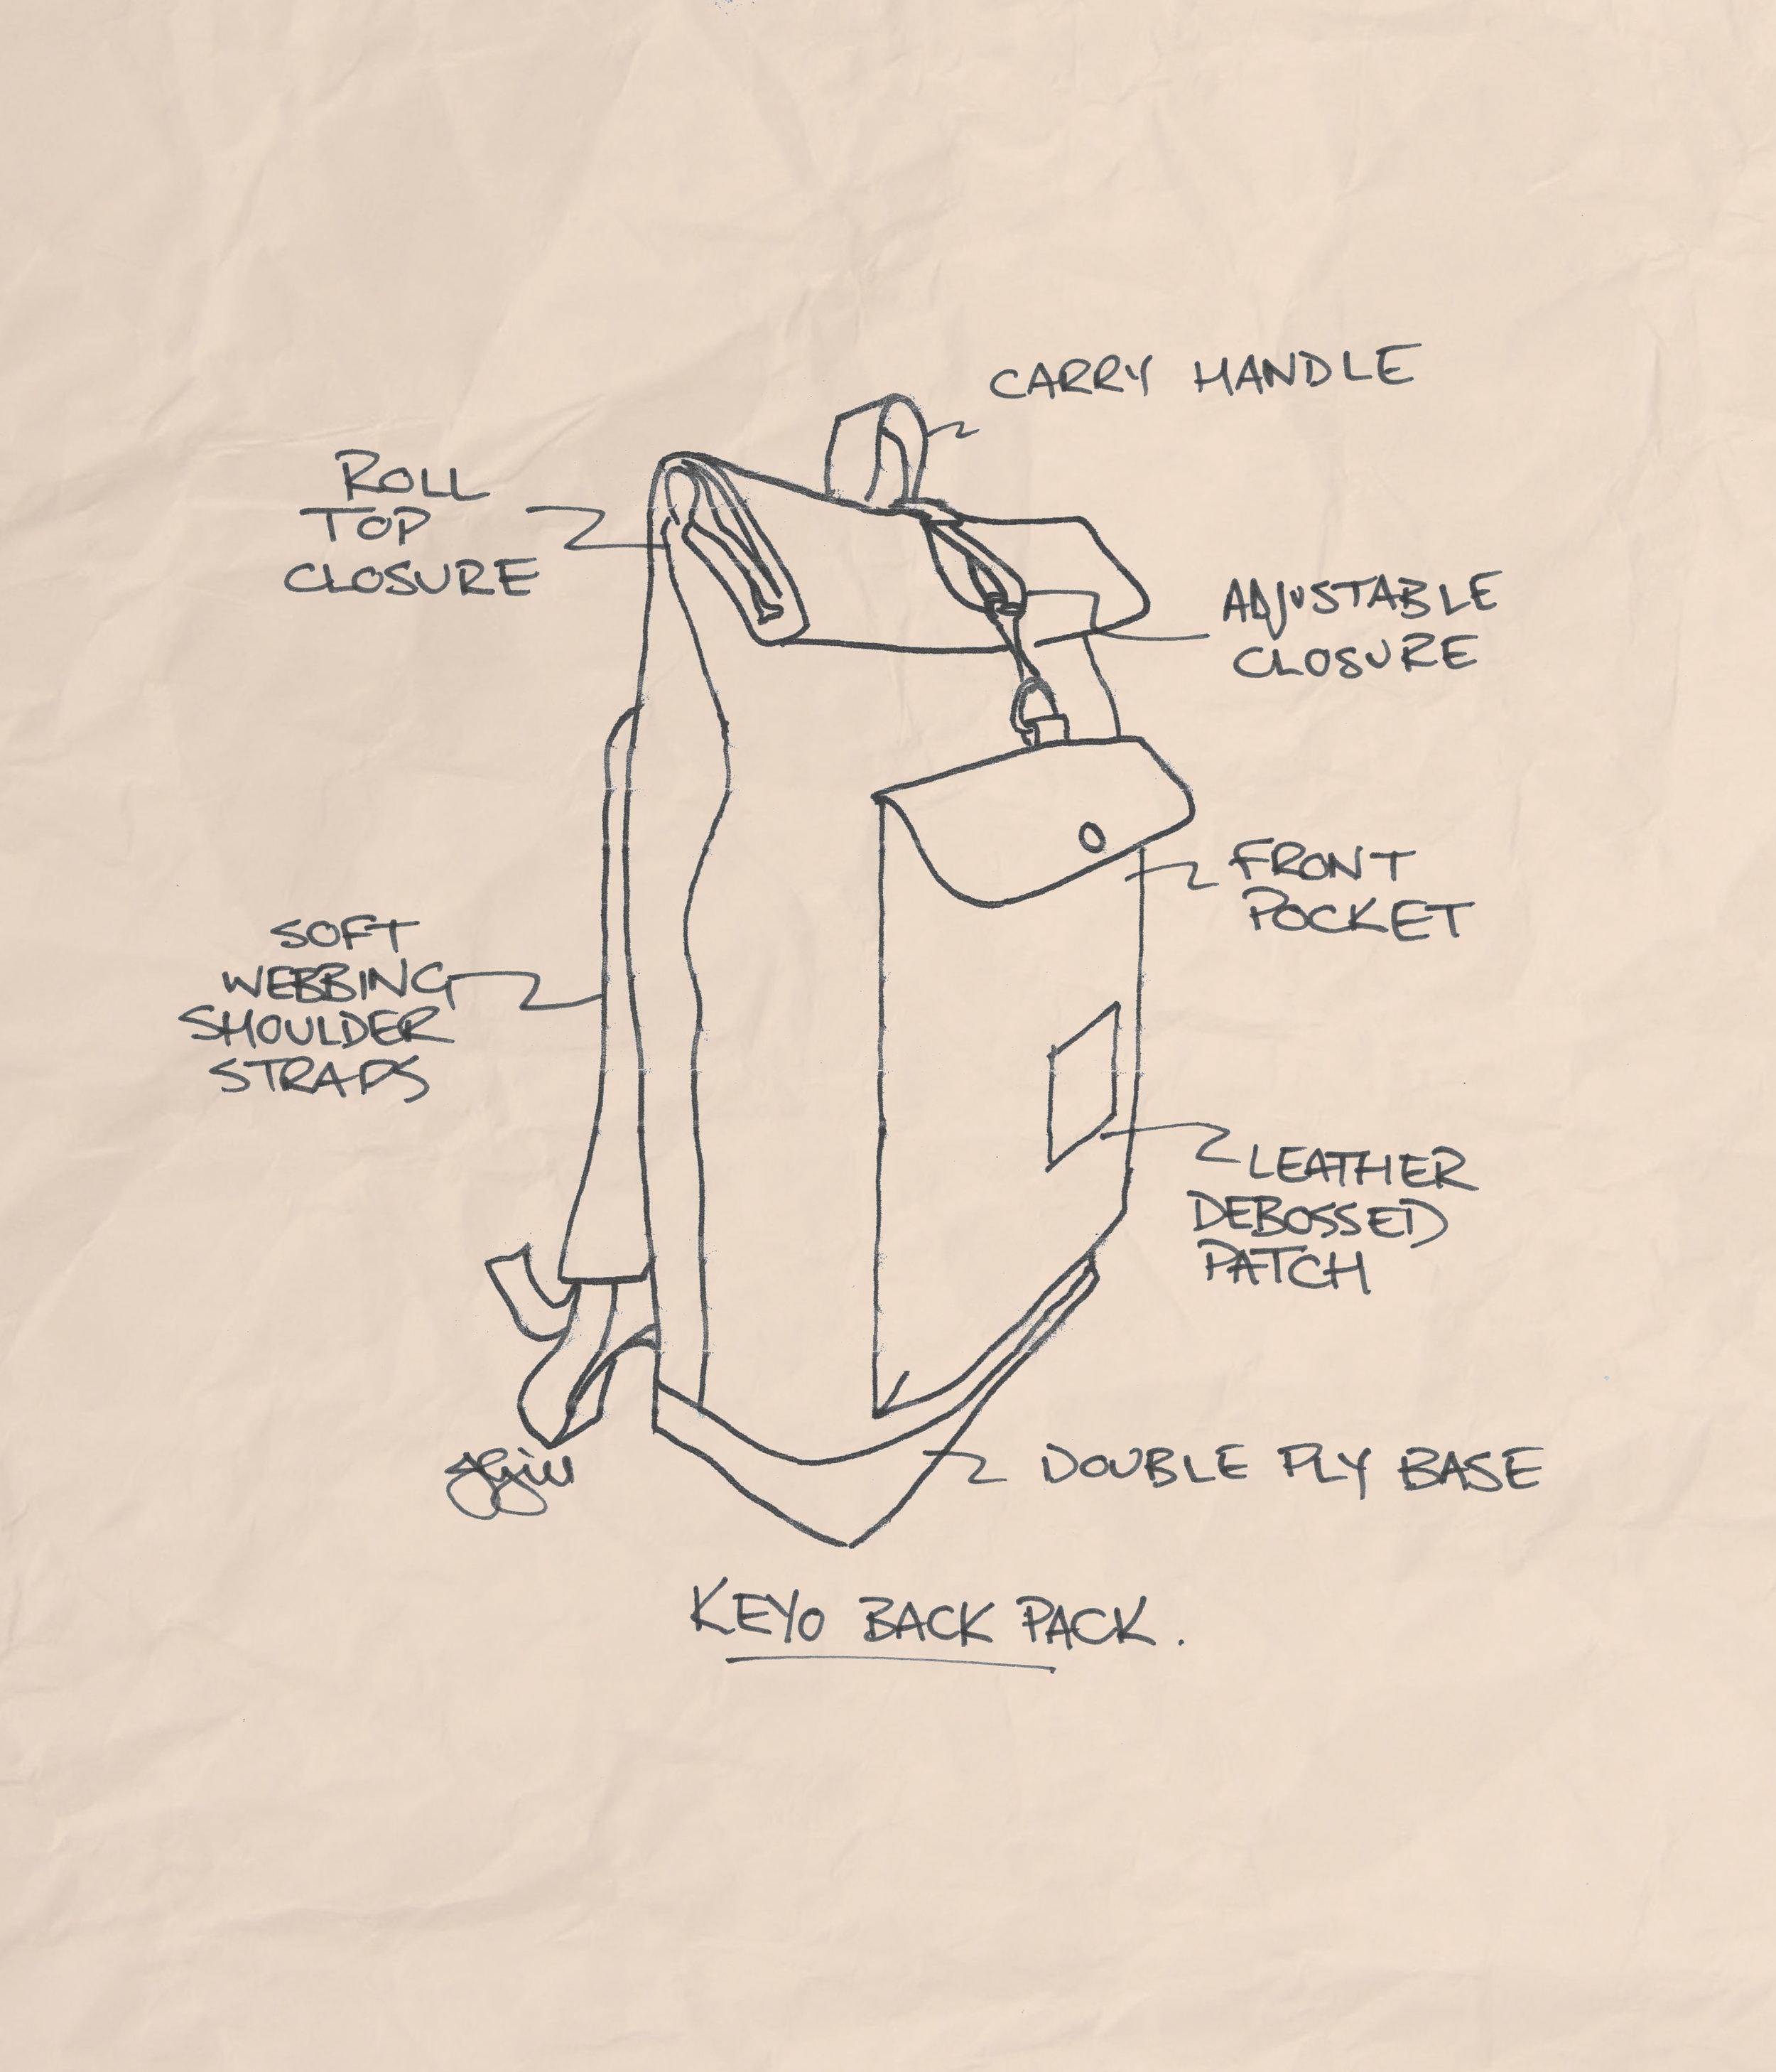 backpack_blueprint.jpg